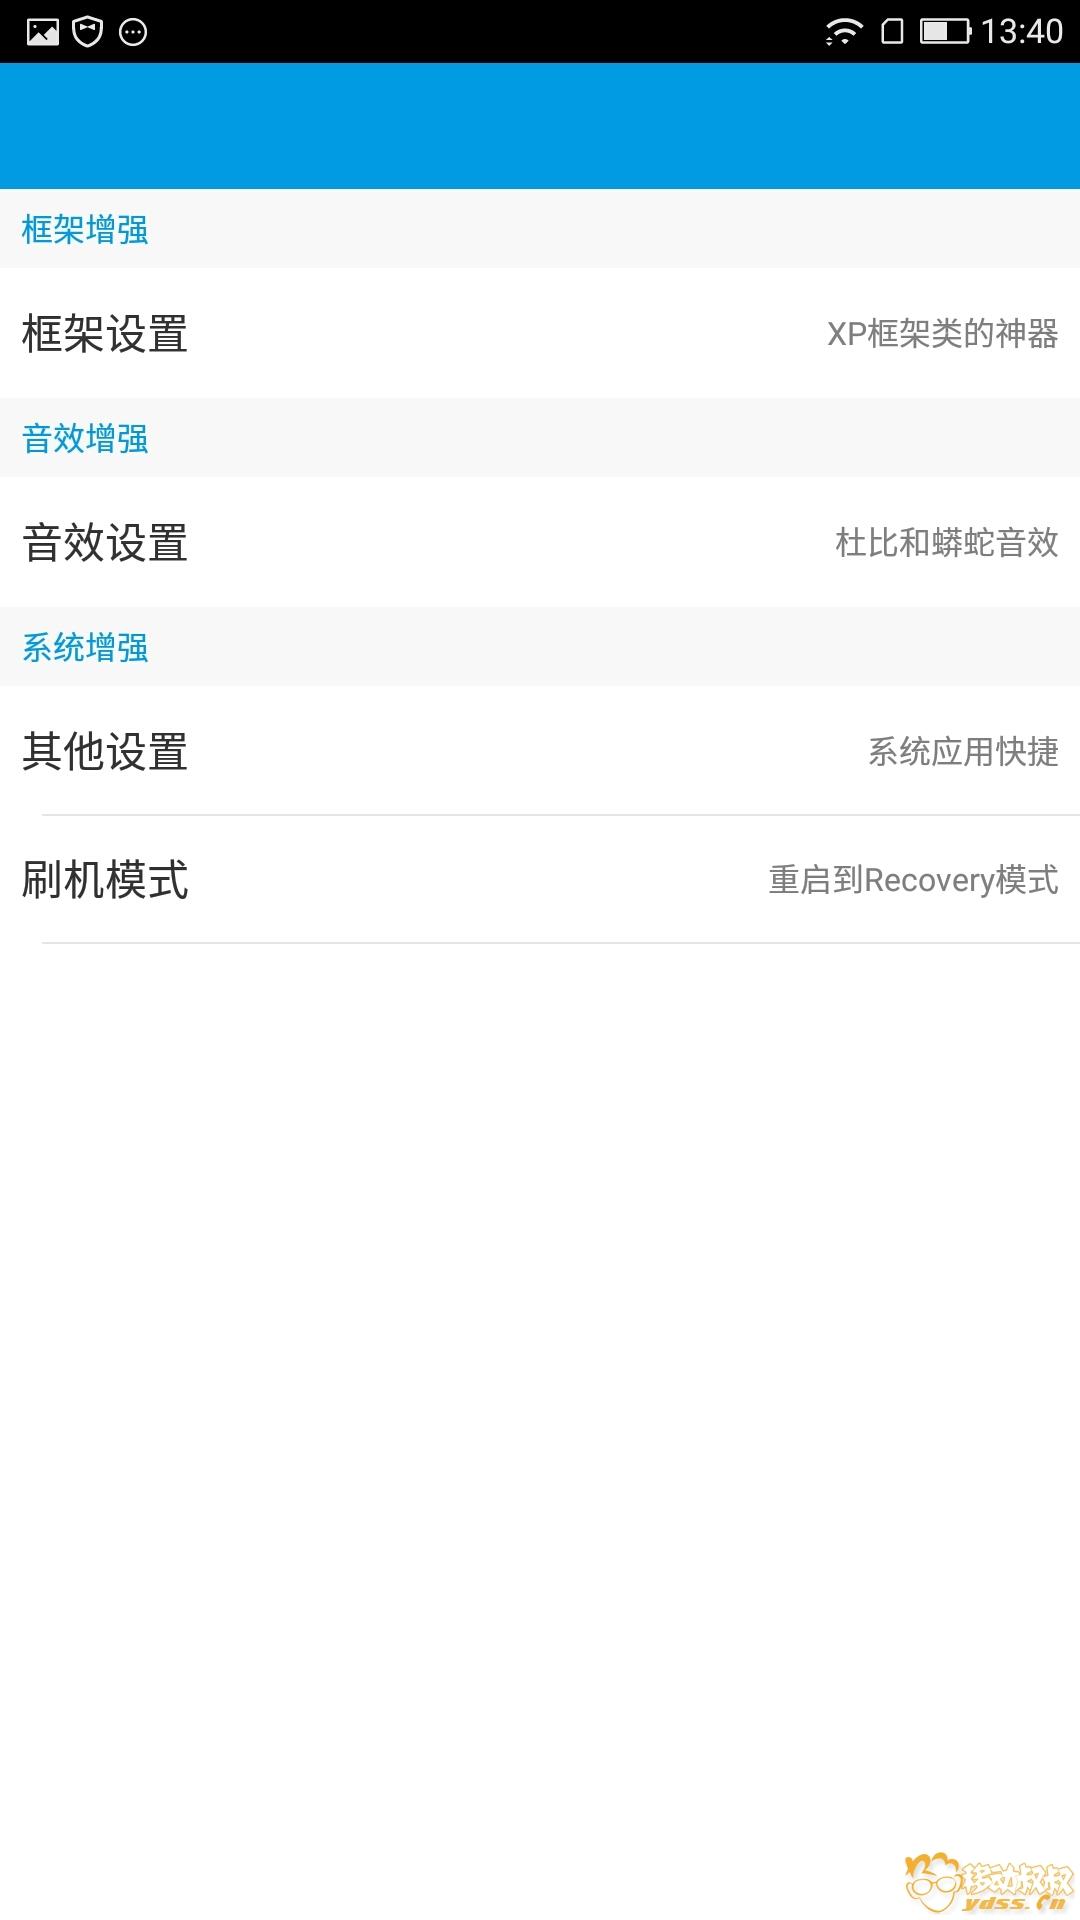 Screenshot_20180410-134033.jpg